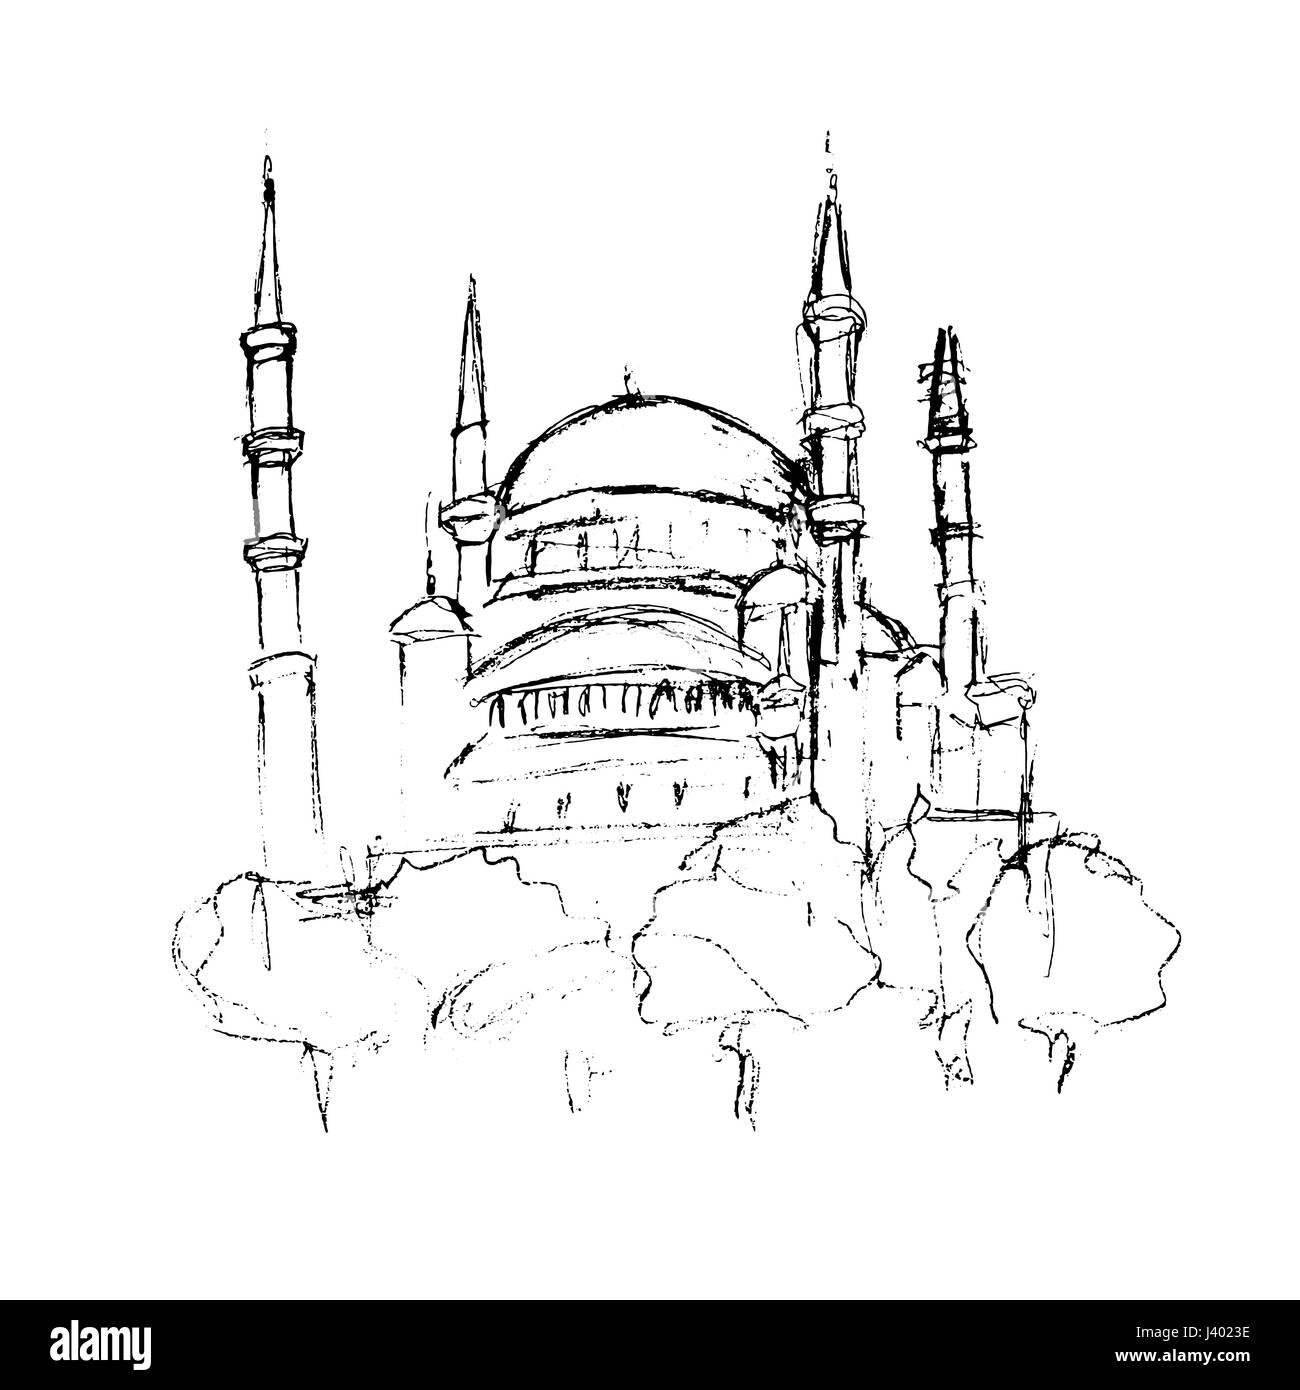 Traditionellen Moschee Turm Gebaude Skizze Fur Ramadan Kareem Architektur Und Kultur Objekt Handgezeichneten In Schwarzer Tinte Oder Bleistift Auf Weissem